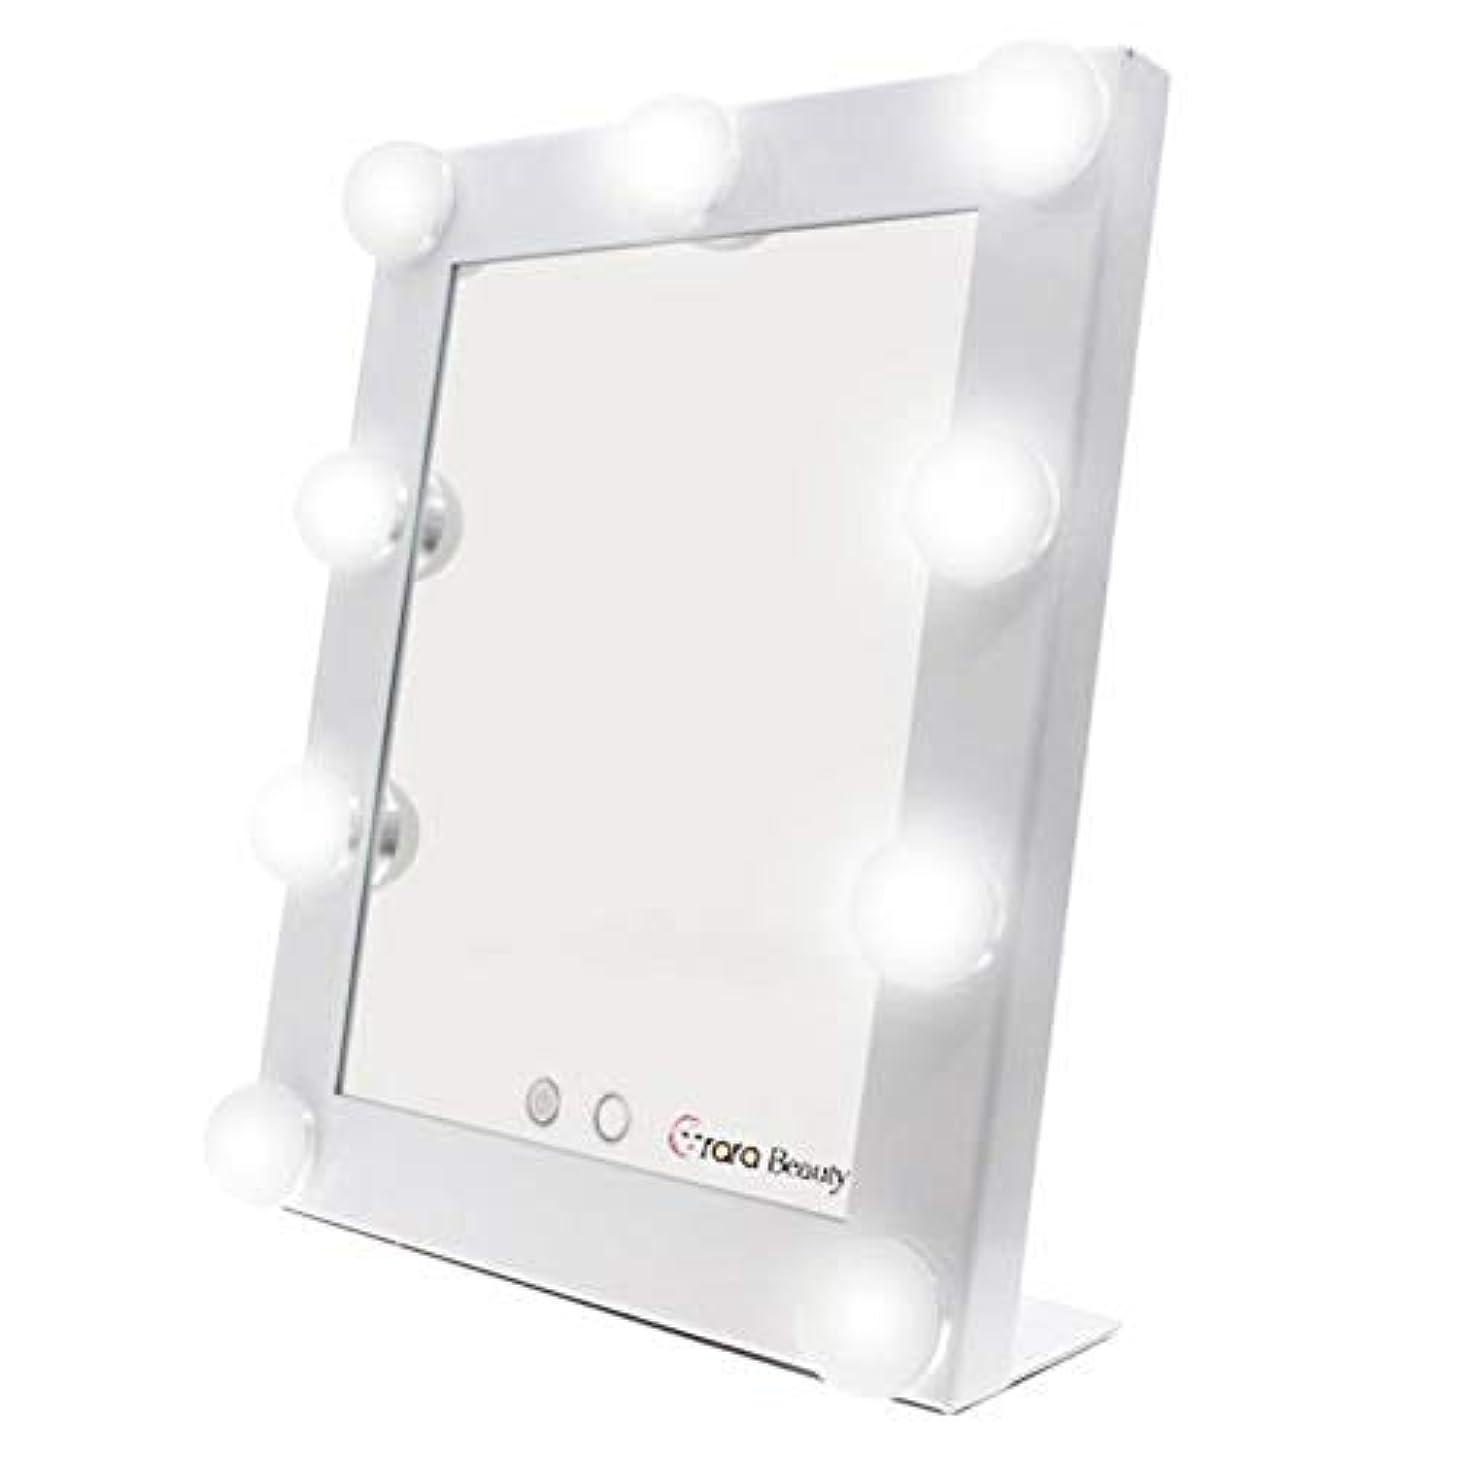 航海のまともな運動するlily's JP home 化粧鏡 女優ミラー 化粧ミラー メイクアップミラー LEDライト付き ハリウッド式 9*3WLED電球付き 2way給電タイプ 卓上ミラー (ホワイト)